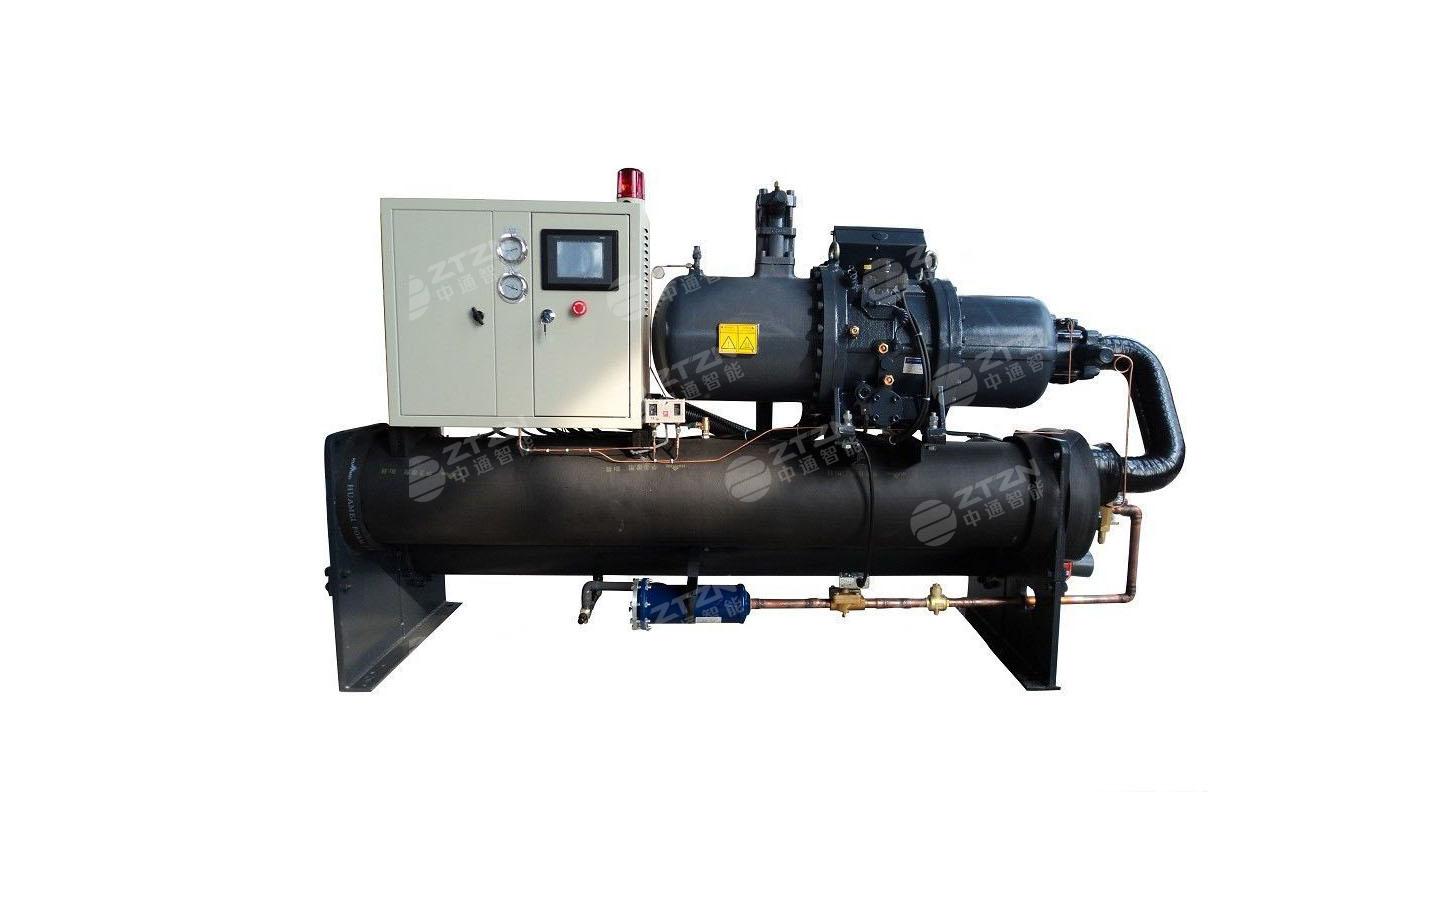 防爆空调高效型水冷冷水机组产品特点 防爆空调螺杆式水冷冷水机组性能参数